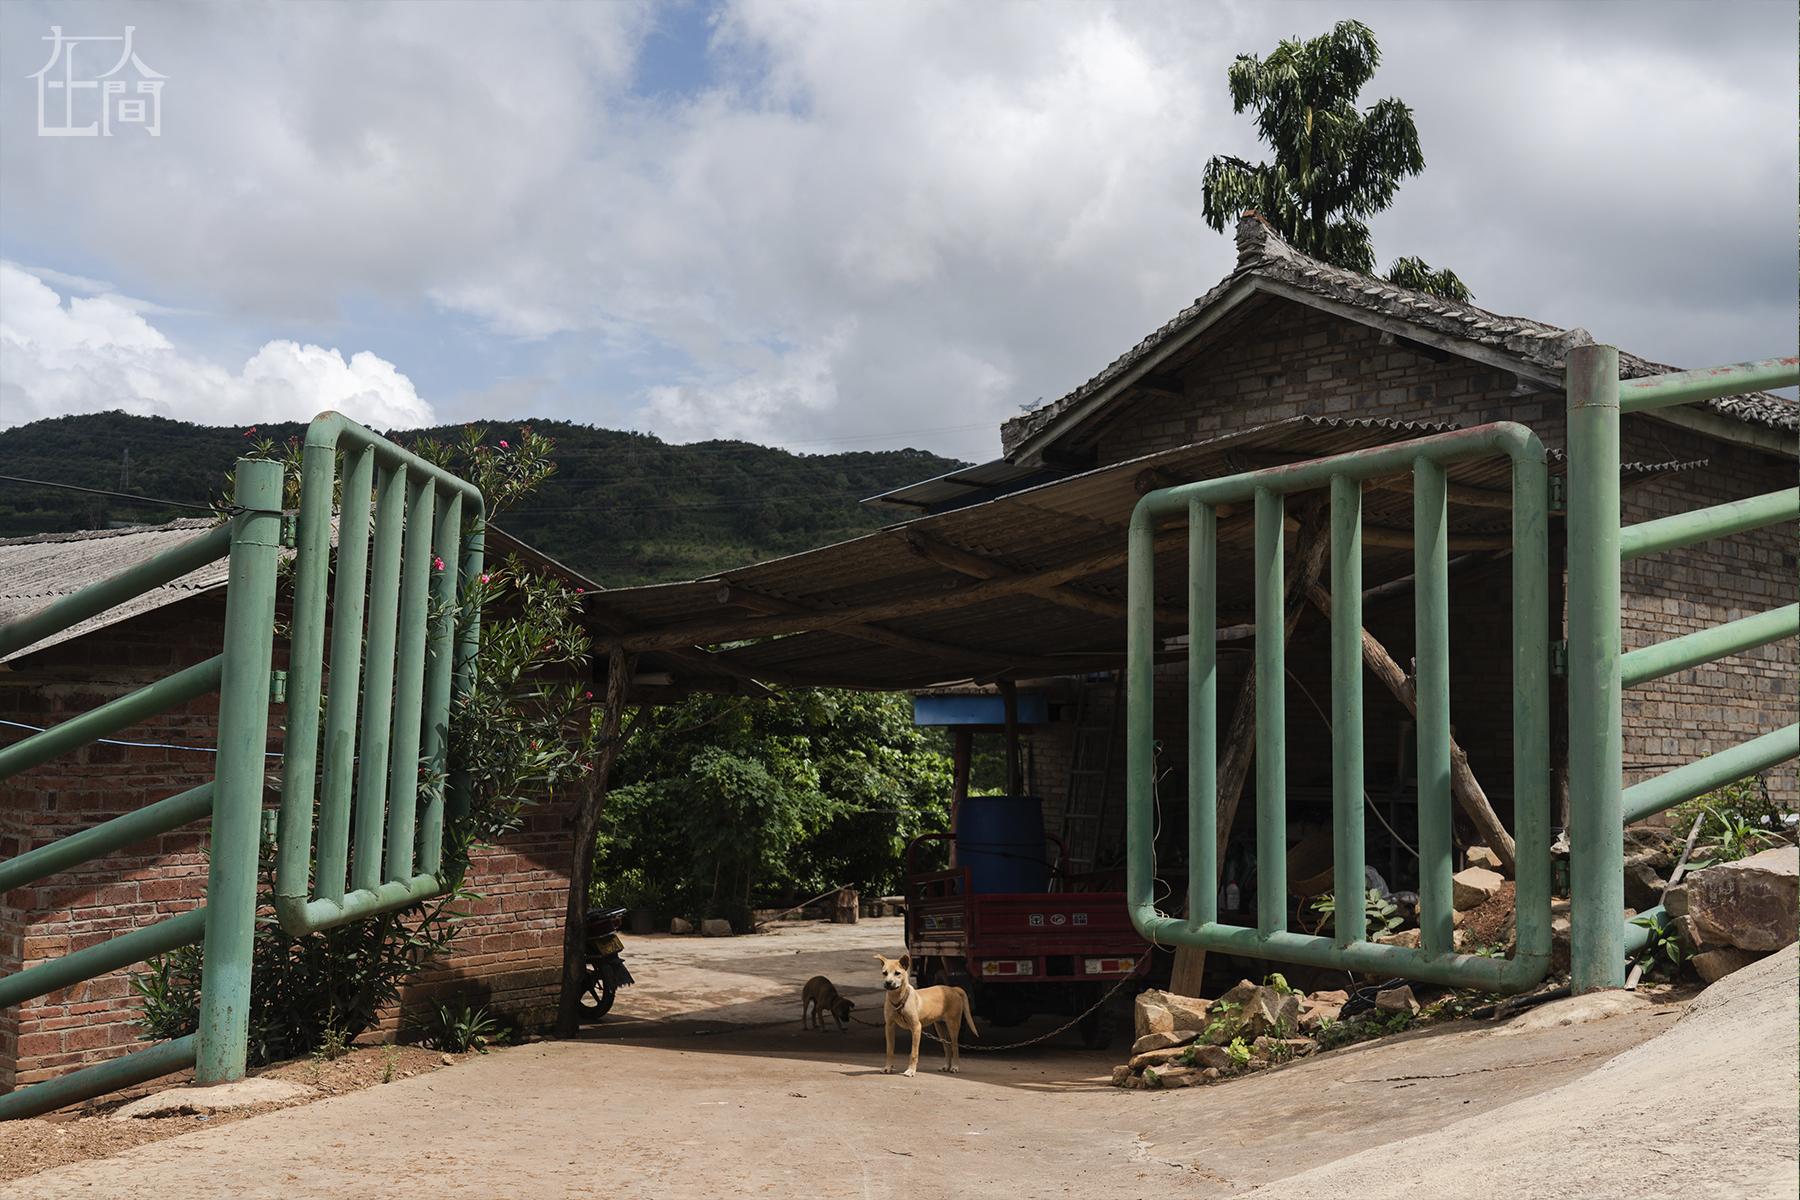 在人间 大象家族出走地村民:它们吃了我们二三十年